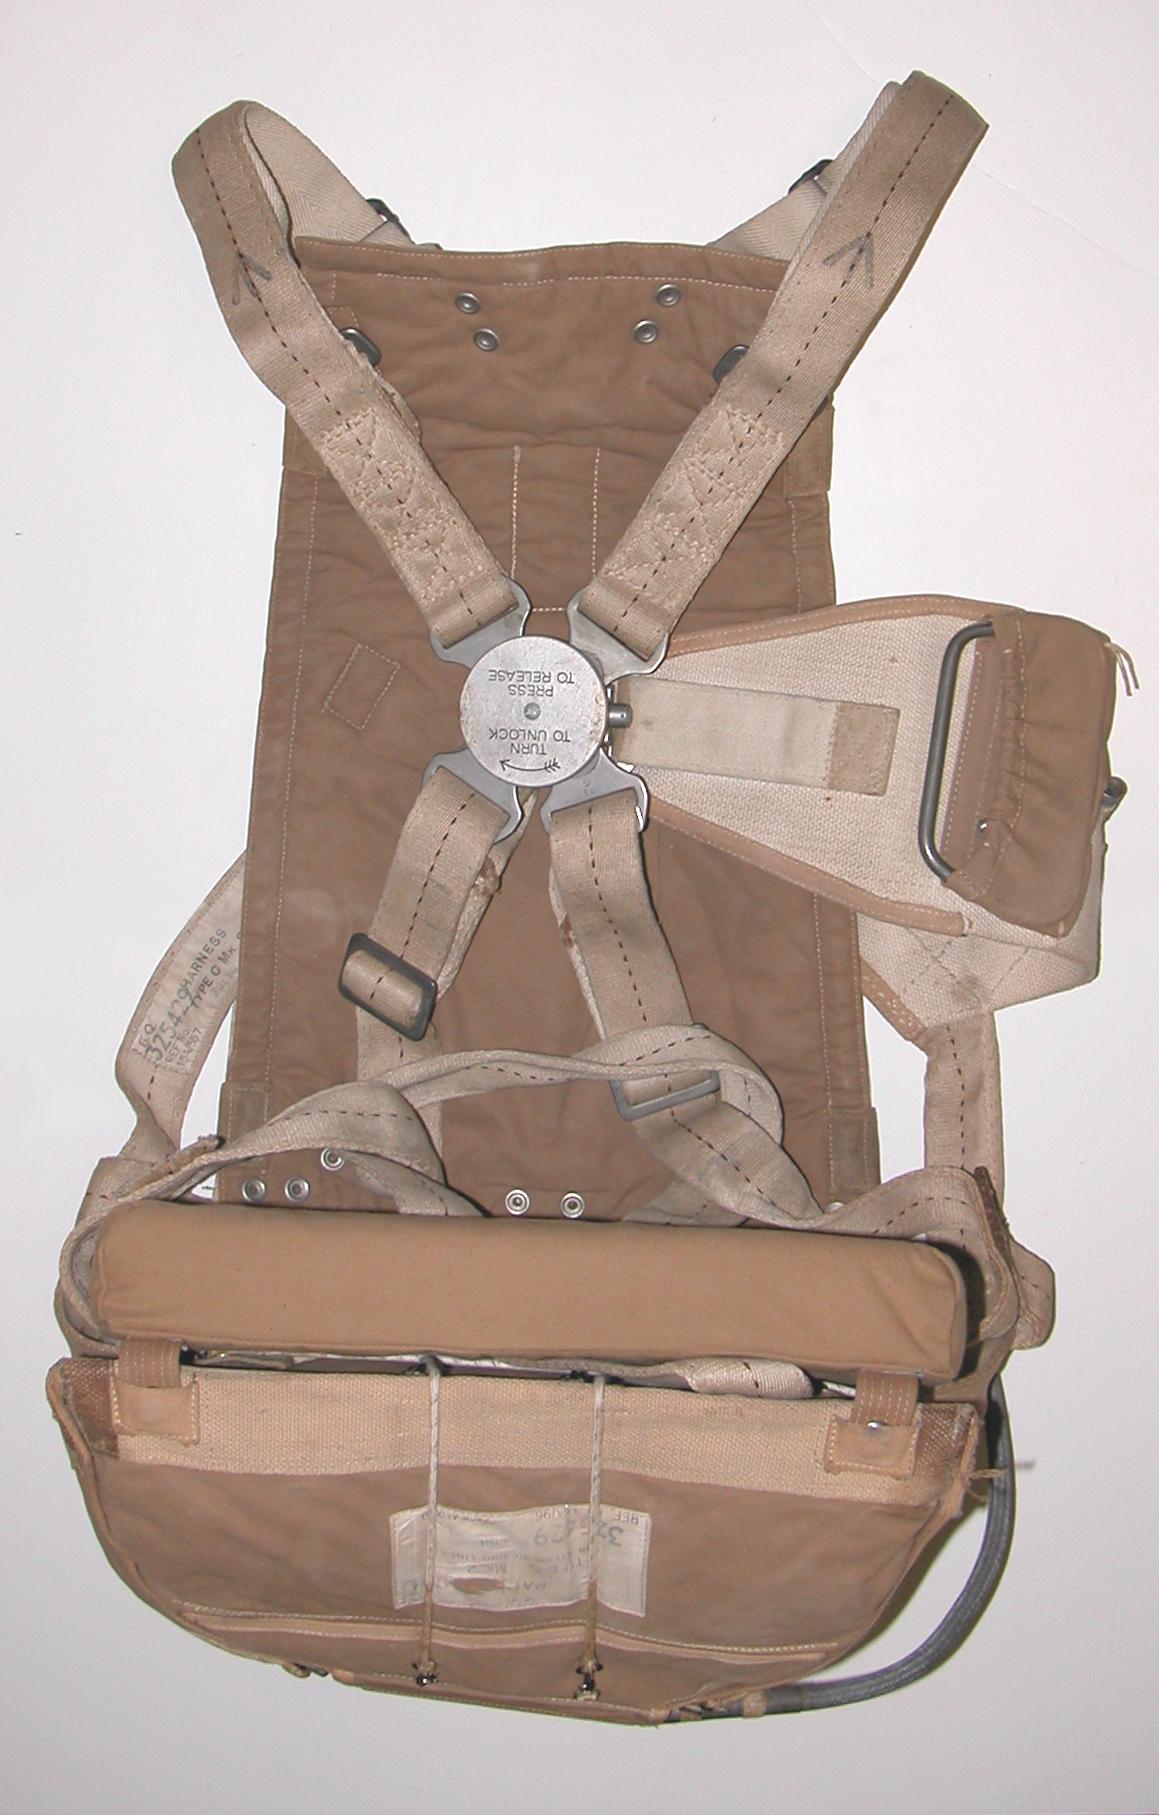 RAF seat type parachute